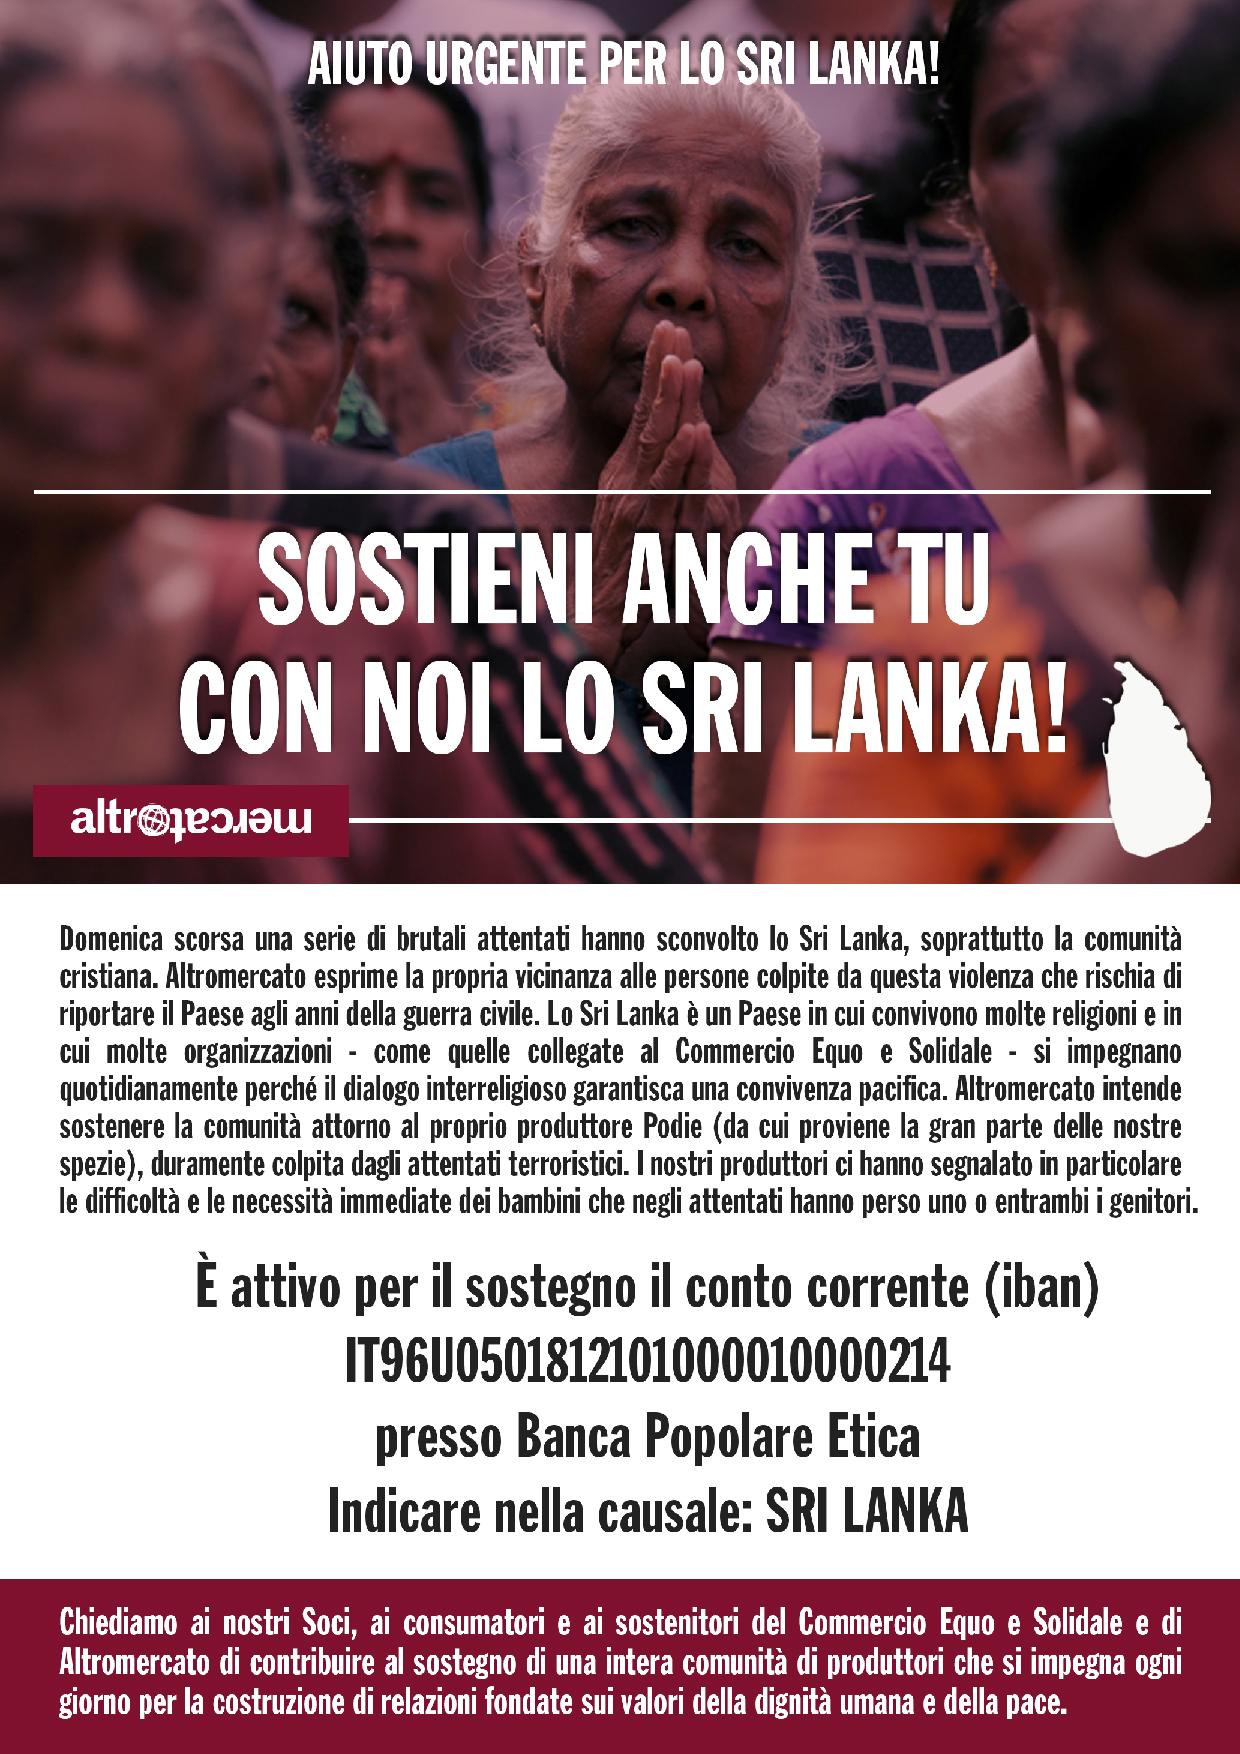 SOSTIENI LO SRI LANKA 30-04-2019 A4-01